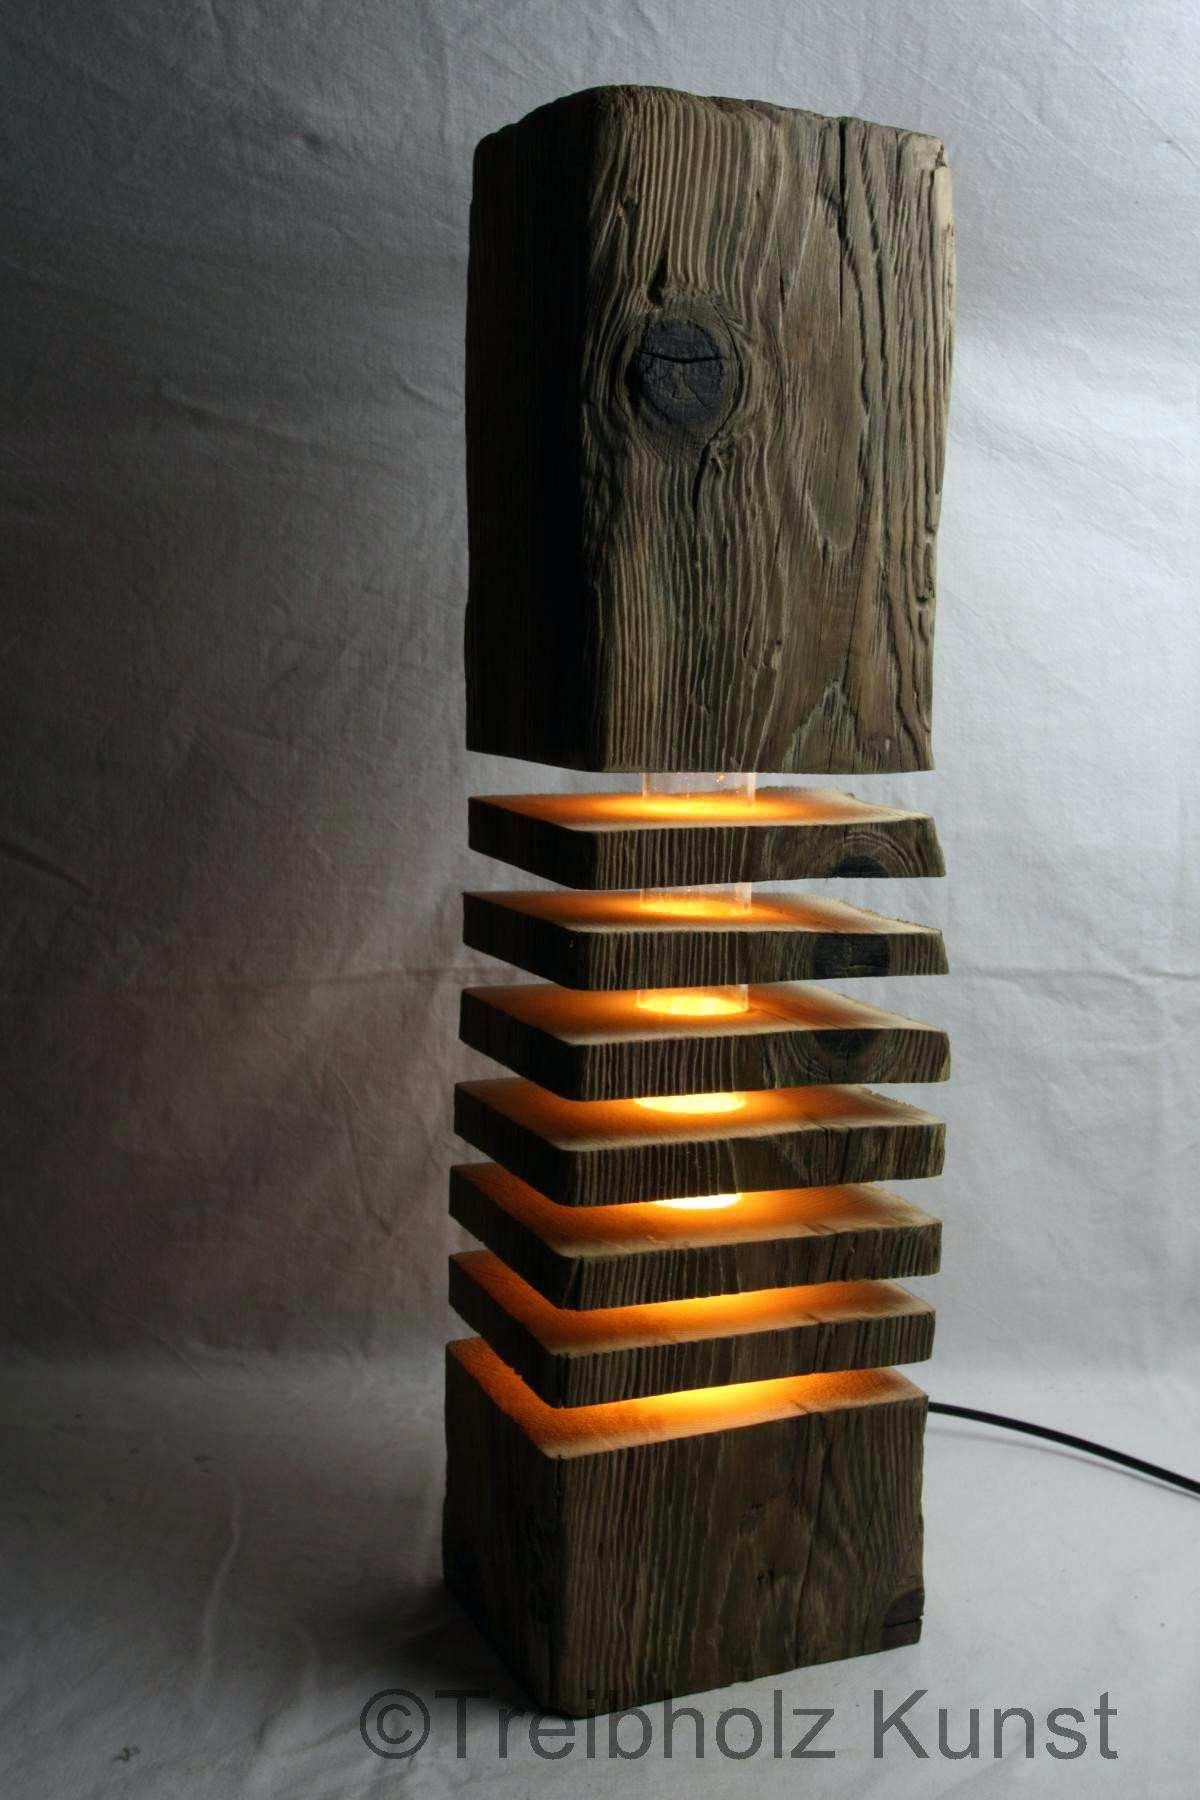 Full Size of Lampe Selber Bauen Holz Schn Machen Upcycling Aus Alt Wohnzimmer Stehlampe Holztisch Garten Badezimmer Massivholz Esstisch Ausziehbar Tischlampe Schlafzimmer Wohnzimmer Lampe Selber Bauen Holz